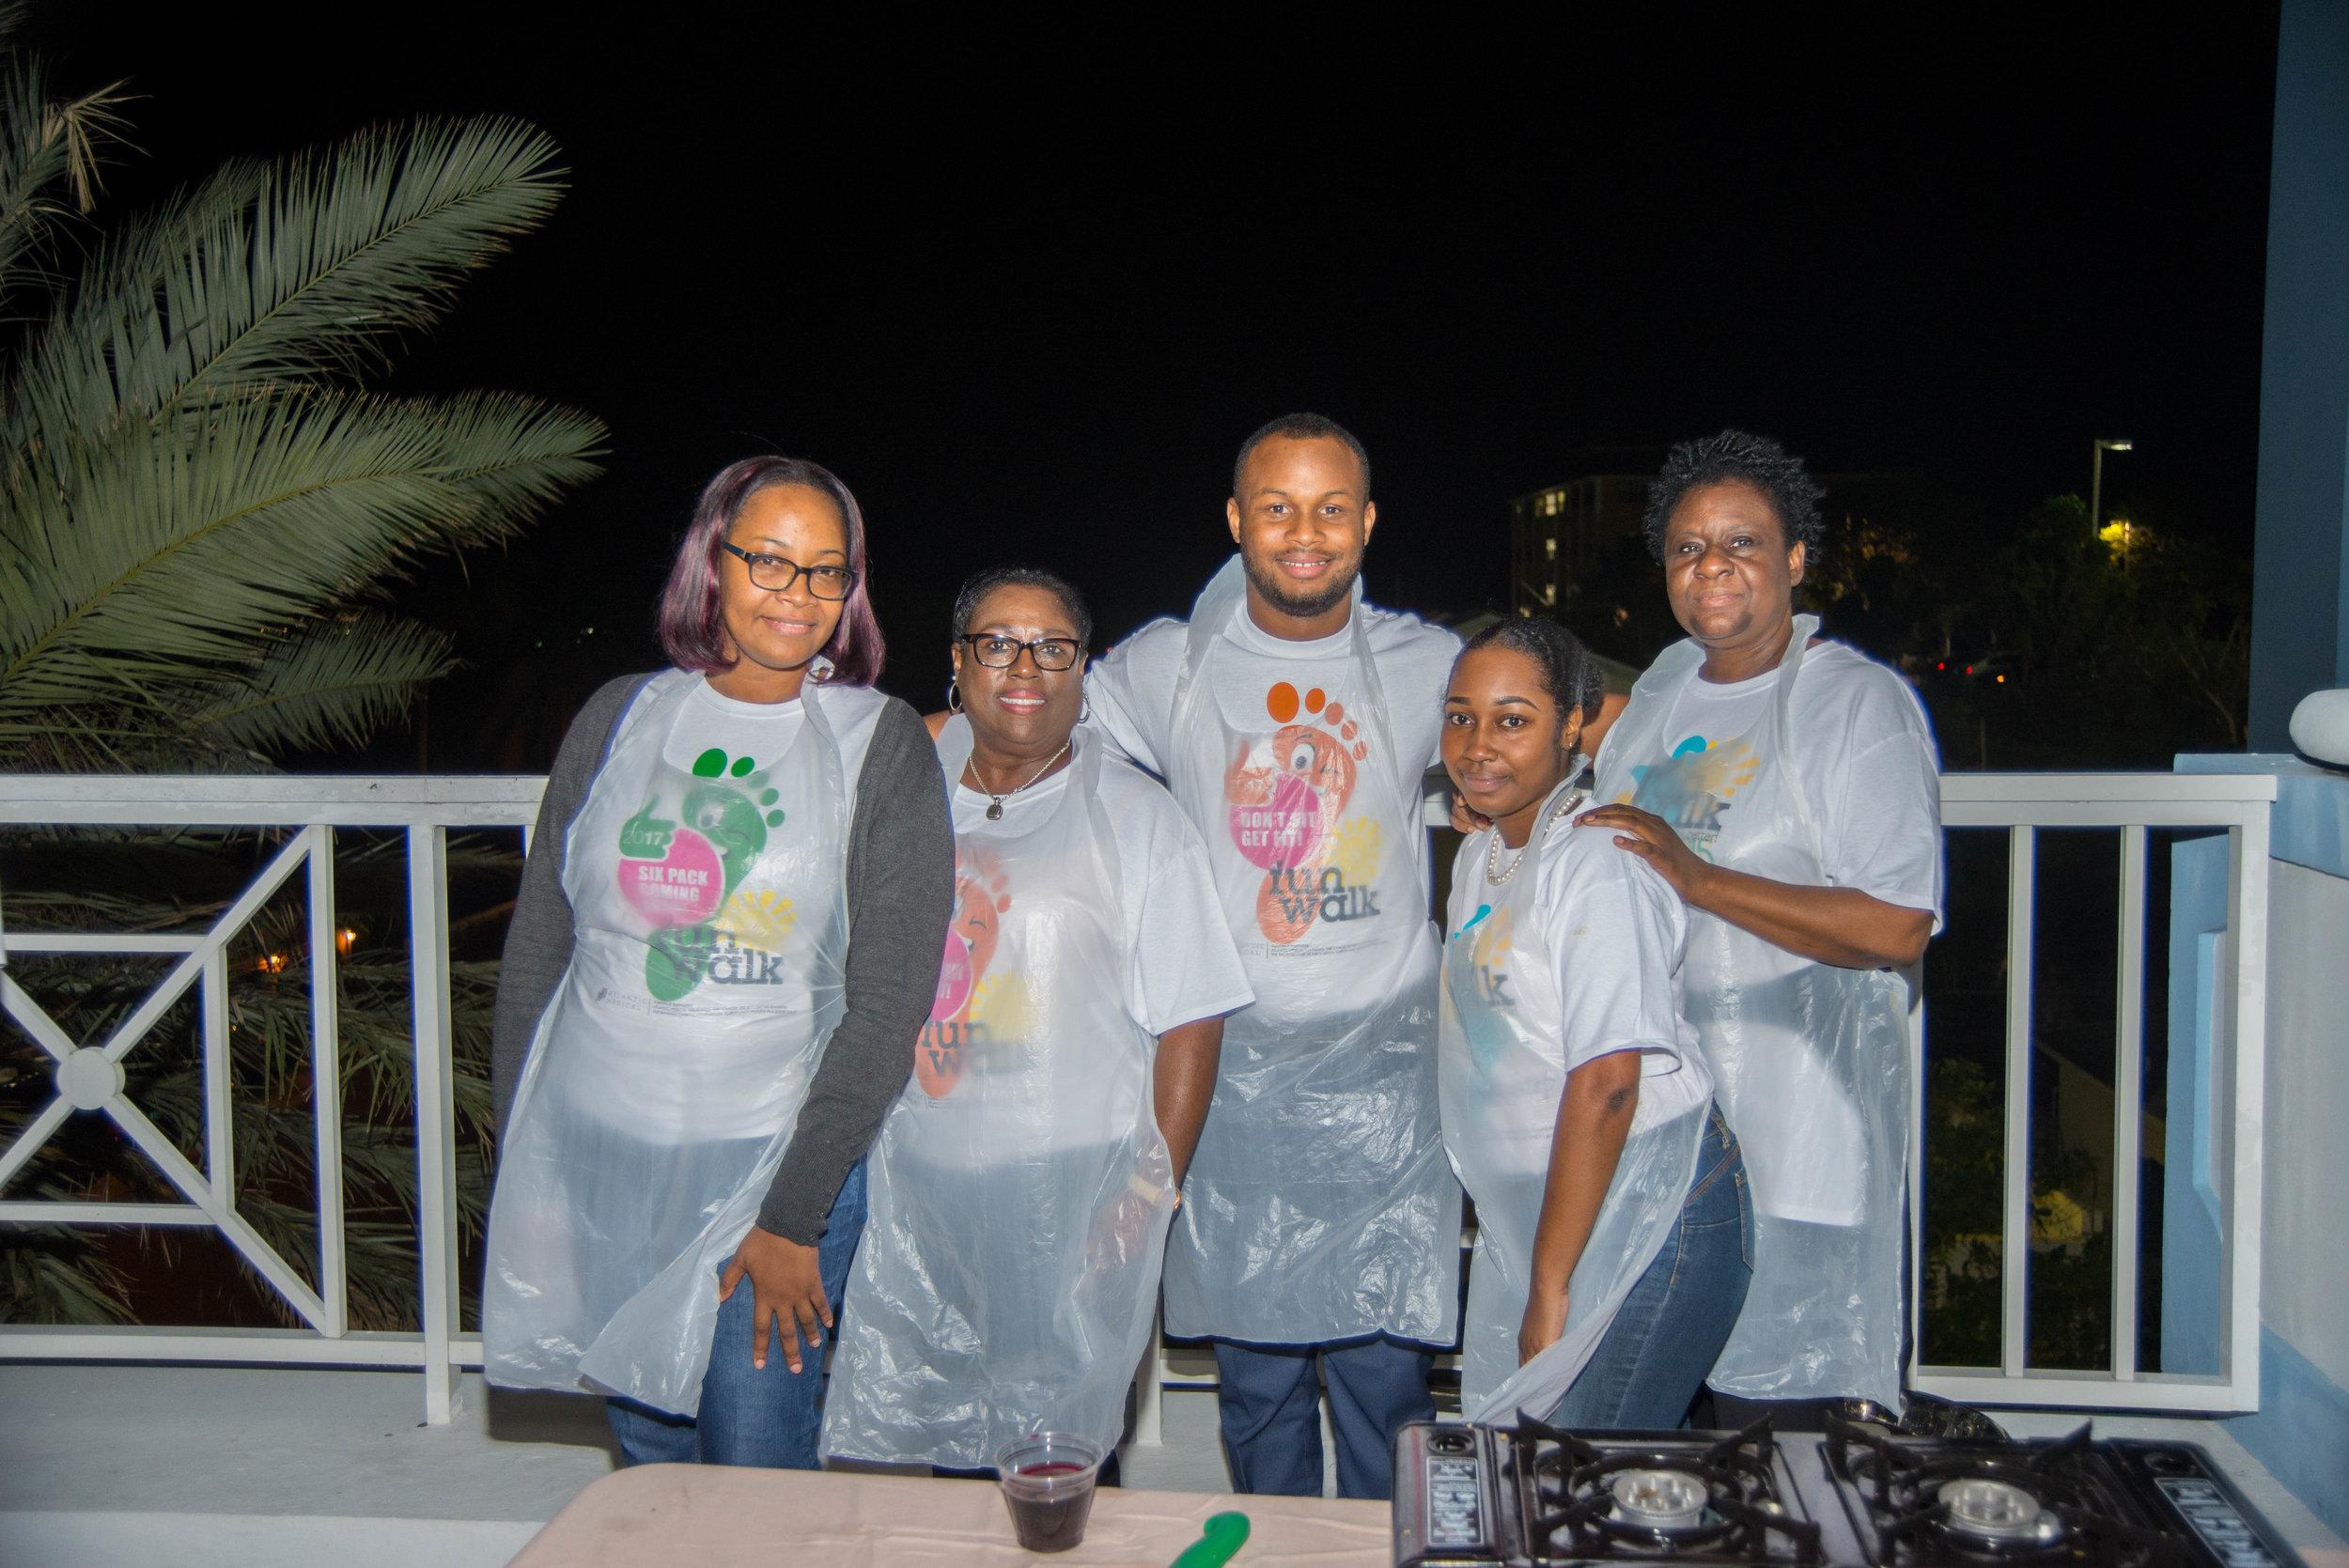 CGI-Bahamas Team